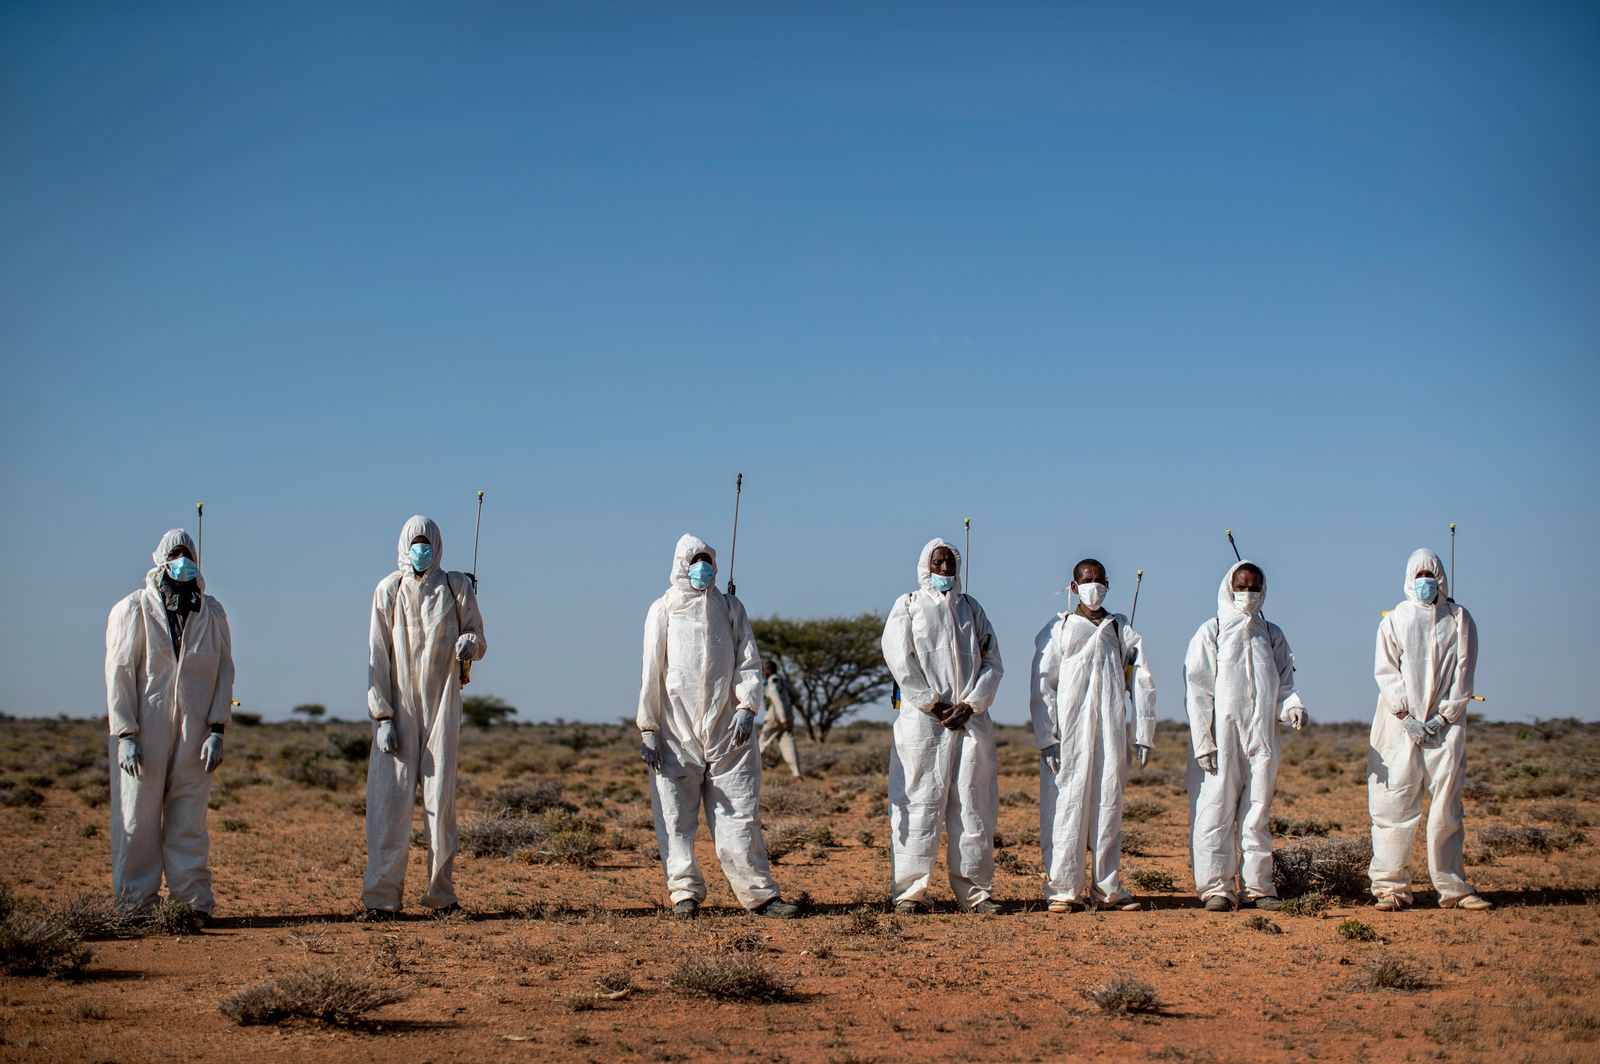 Somalia Africa Locust Outbreak